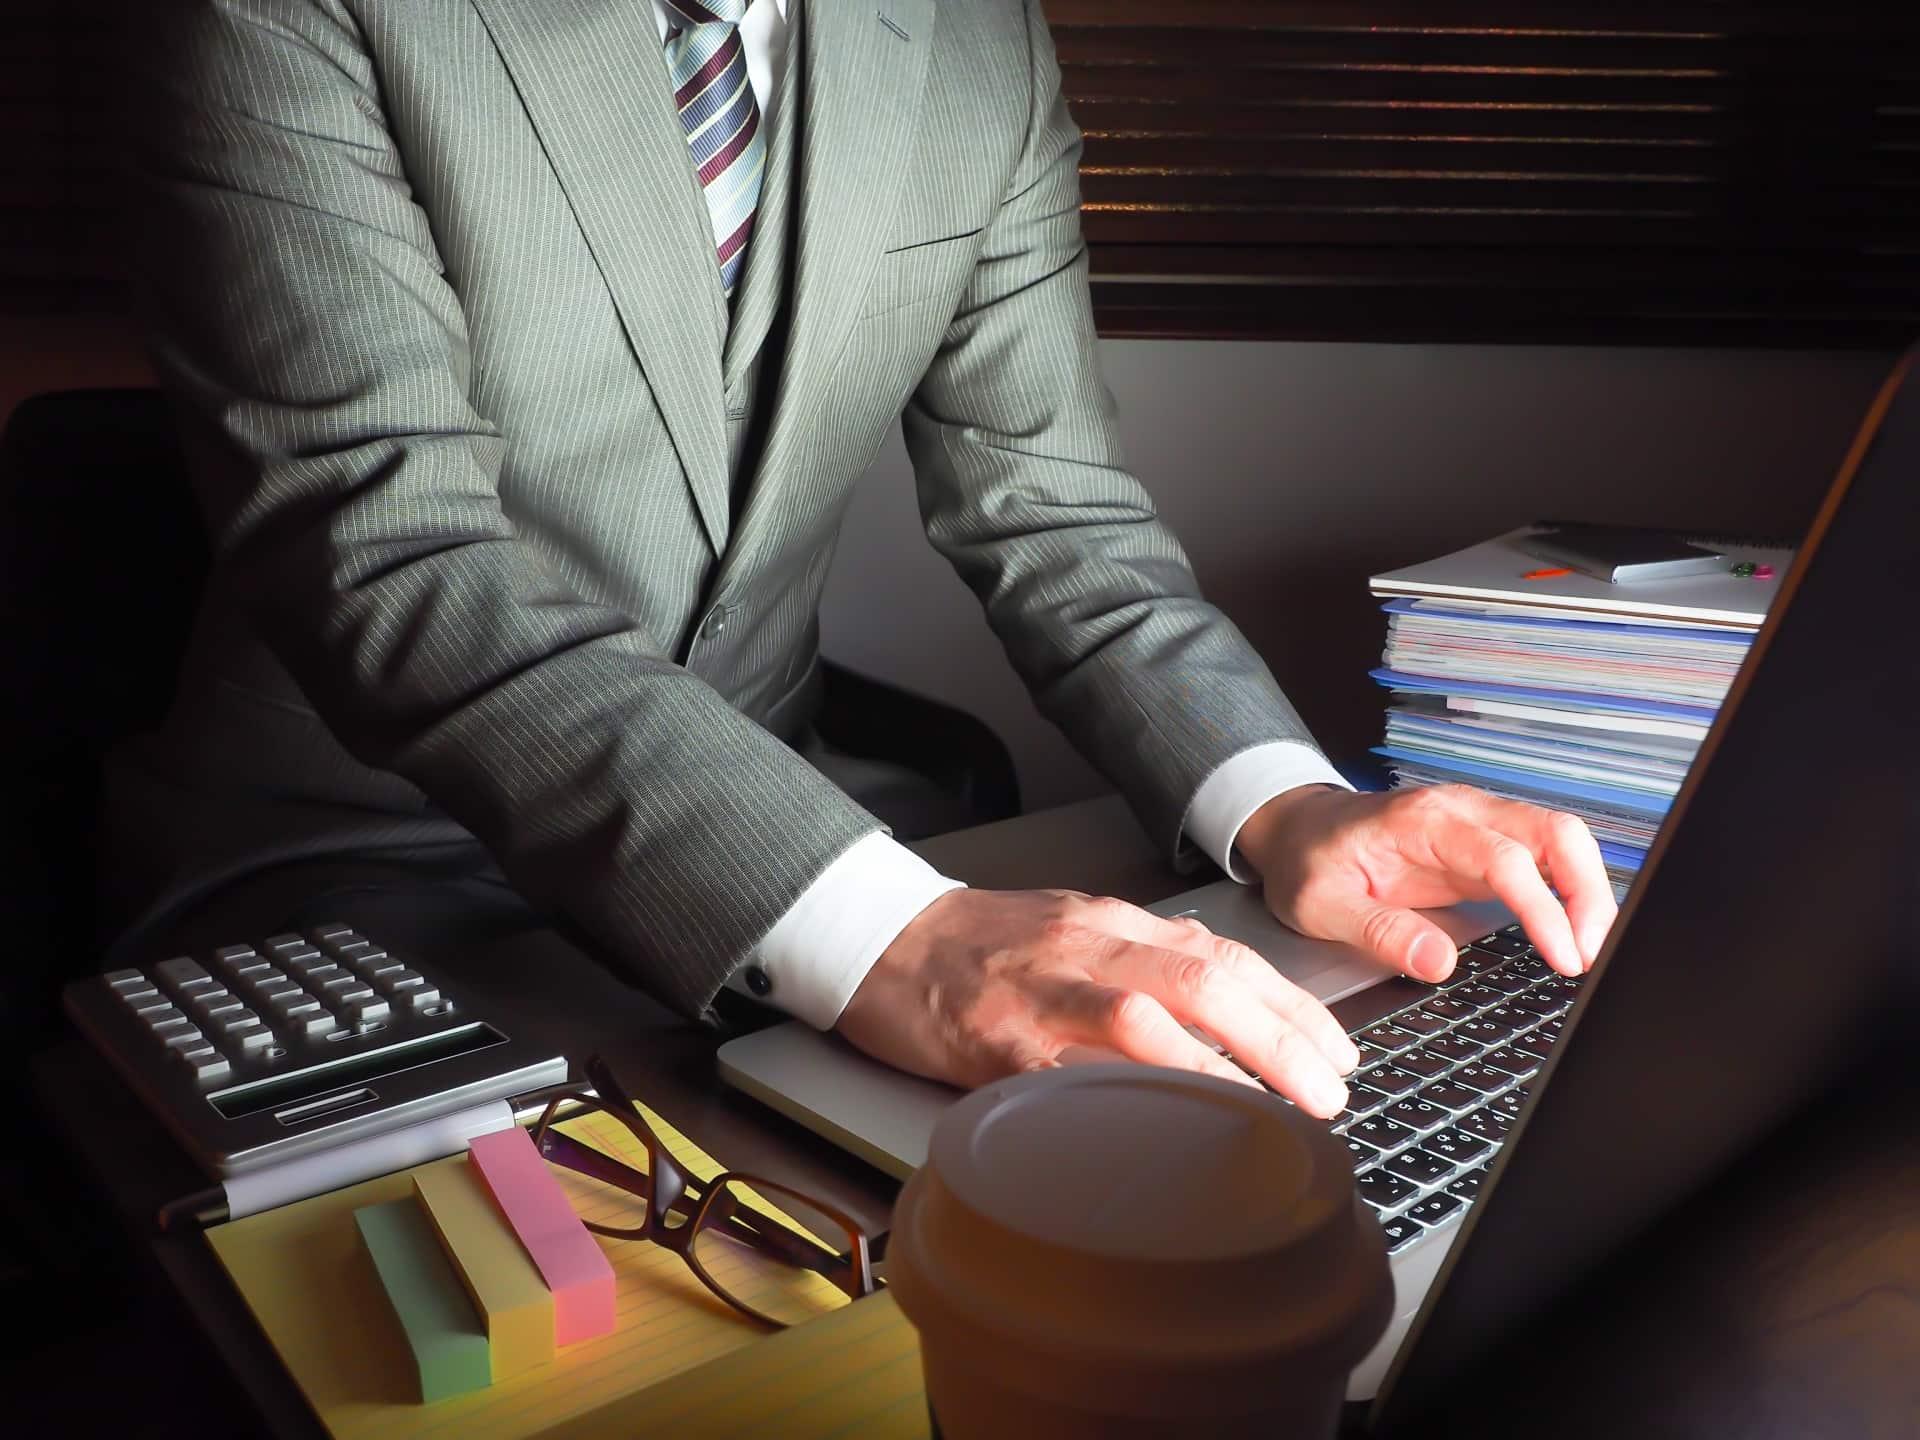 『残業がしたくない...』仕事や会社が合わないなら転職するべきか解説!